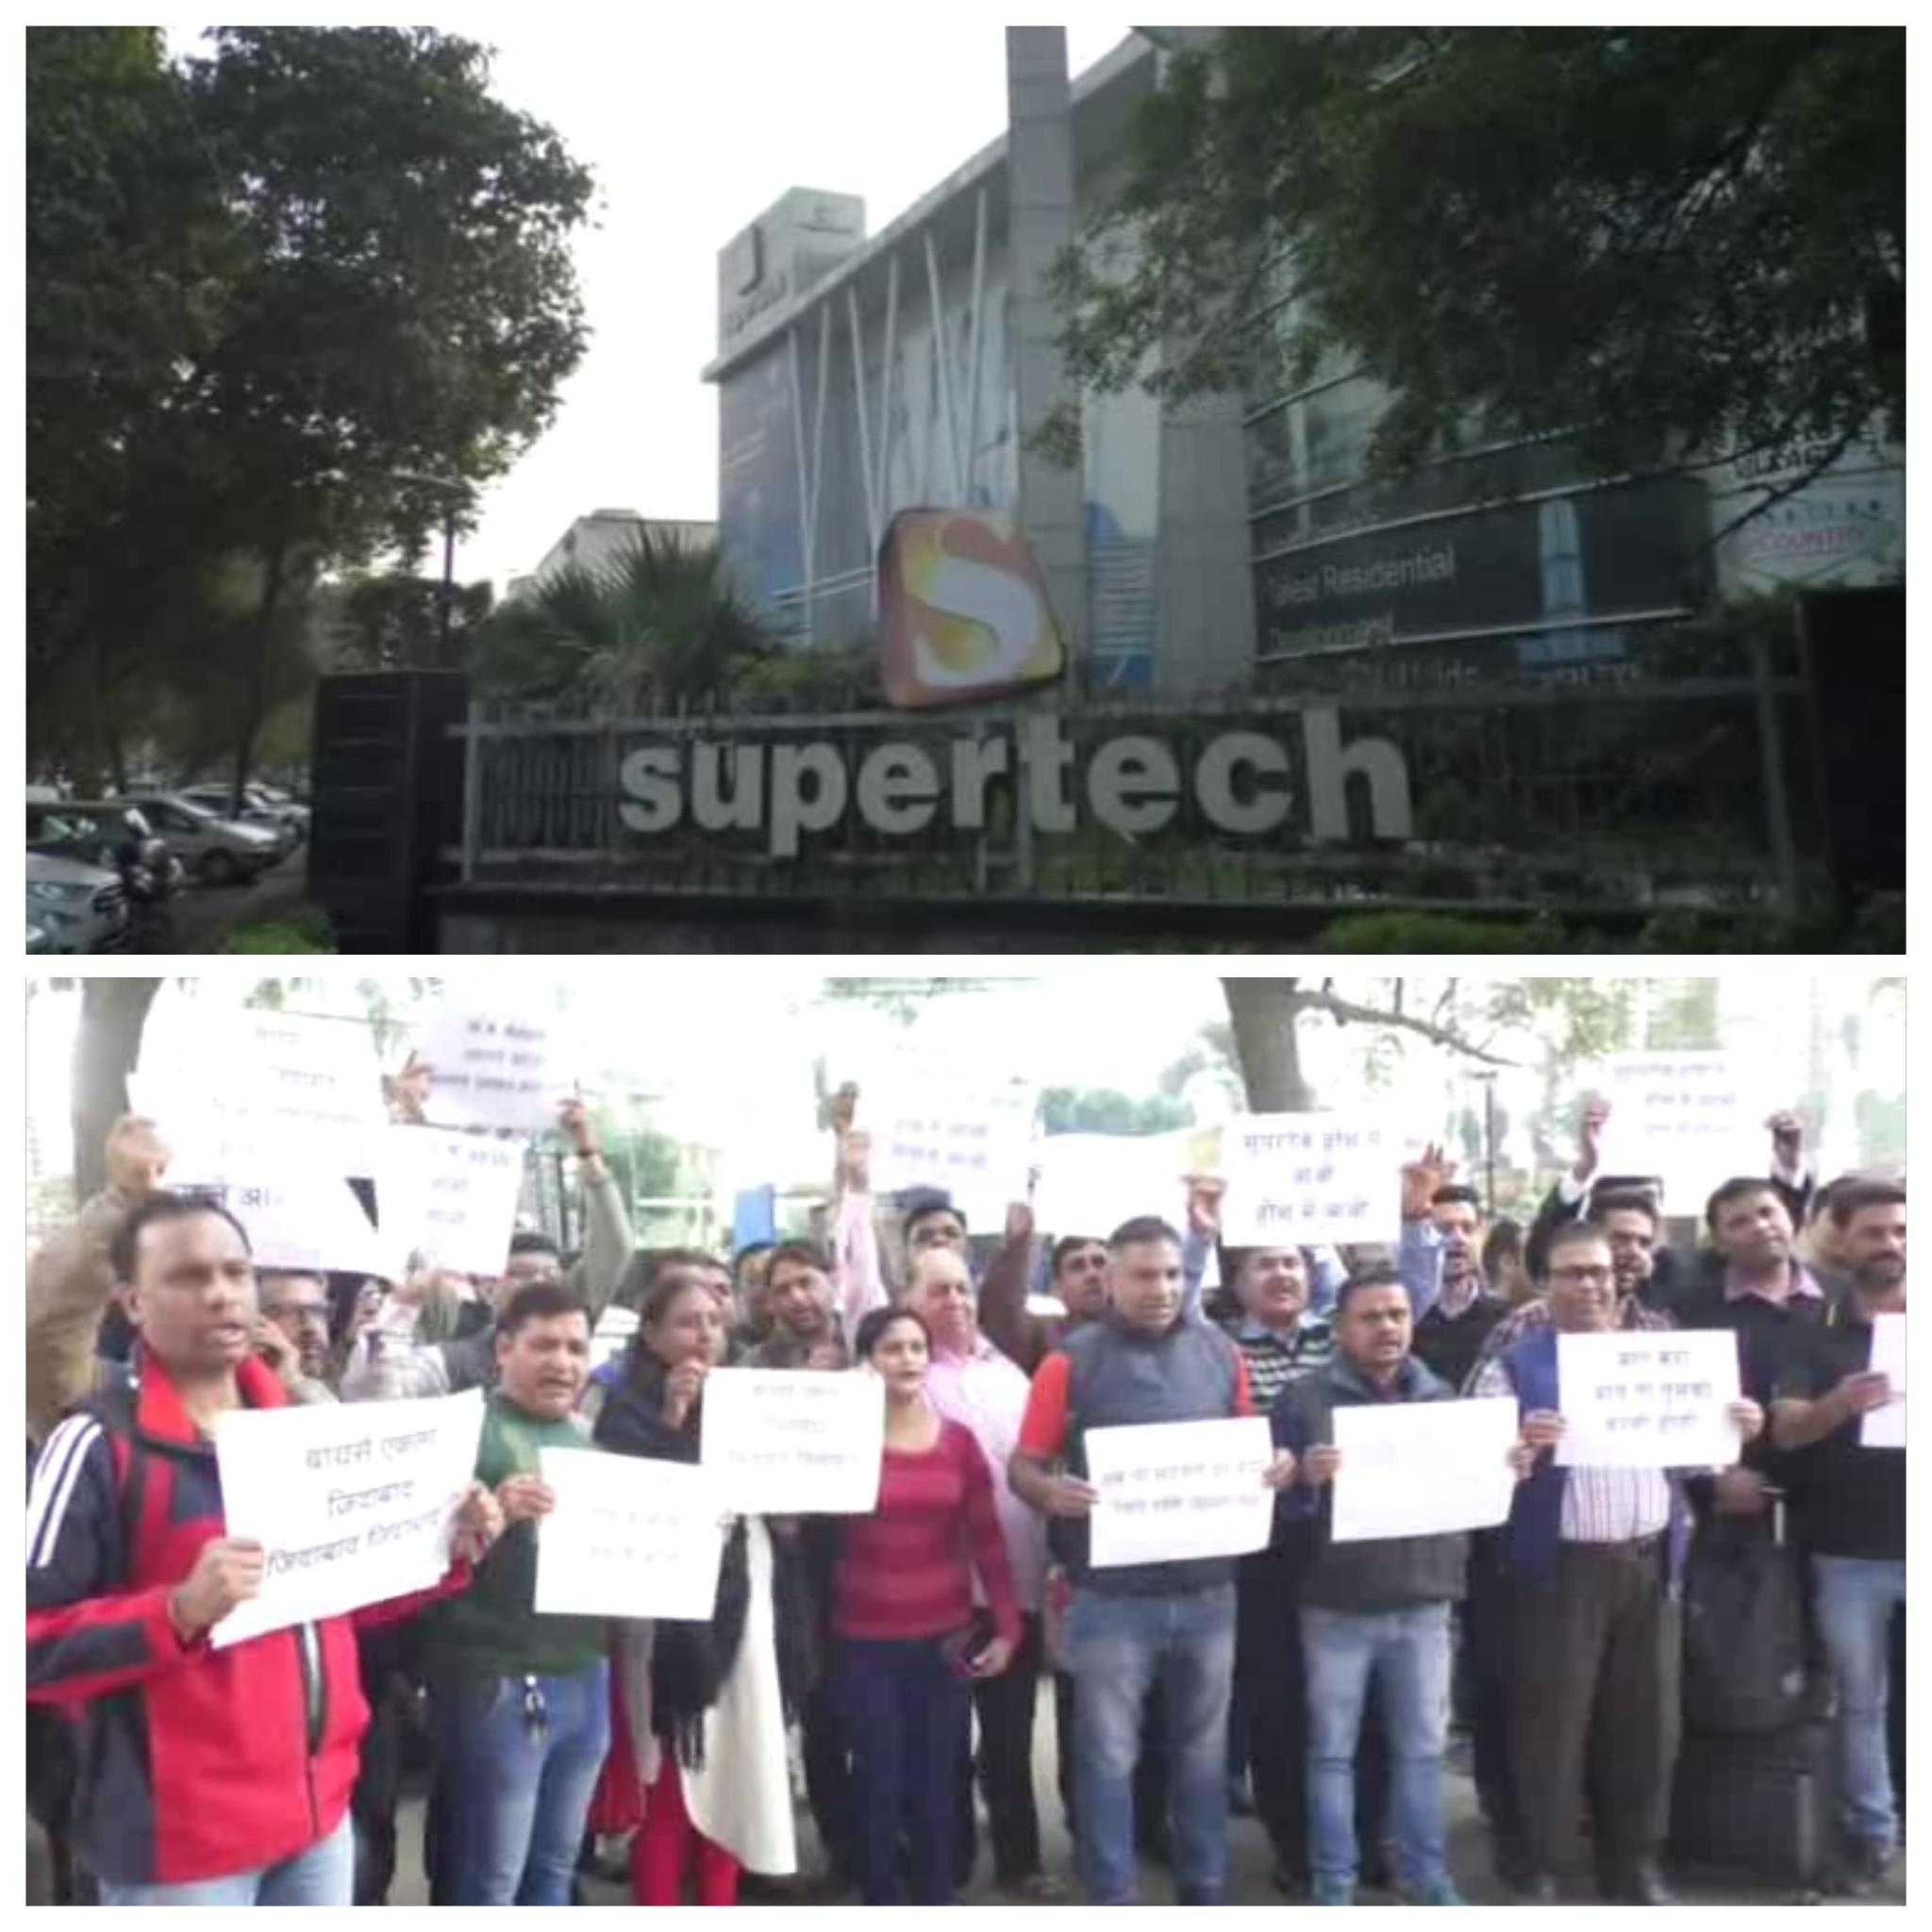 सुपरटेक बिल्डर के विरोध में सैकड़ों बायर्स ने सुपरटेक बिल्डर के ऑफिस के बाहर किया प्रदर्शन